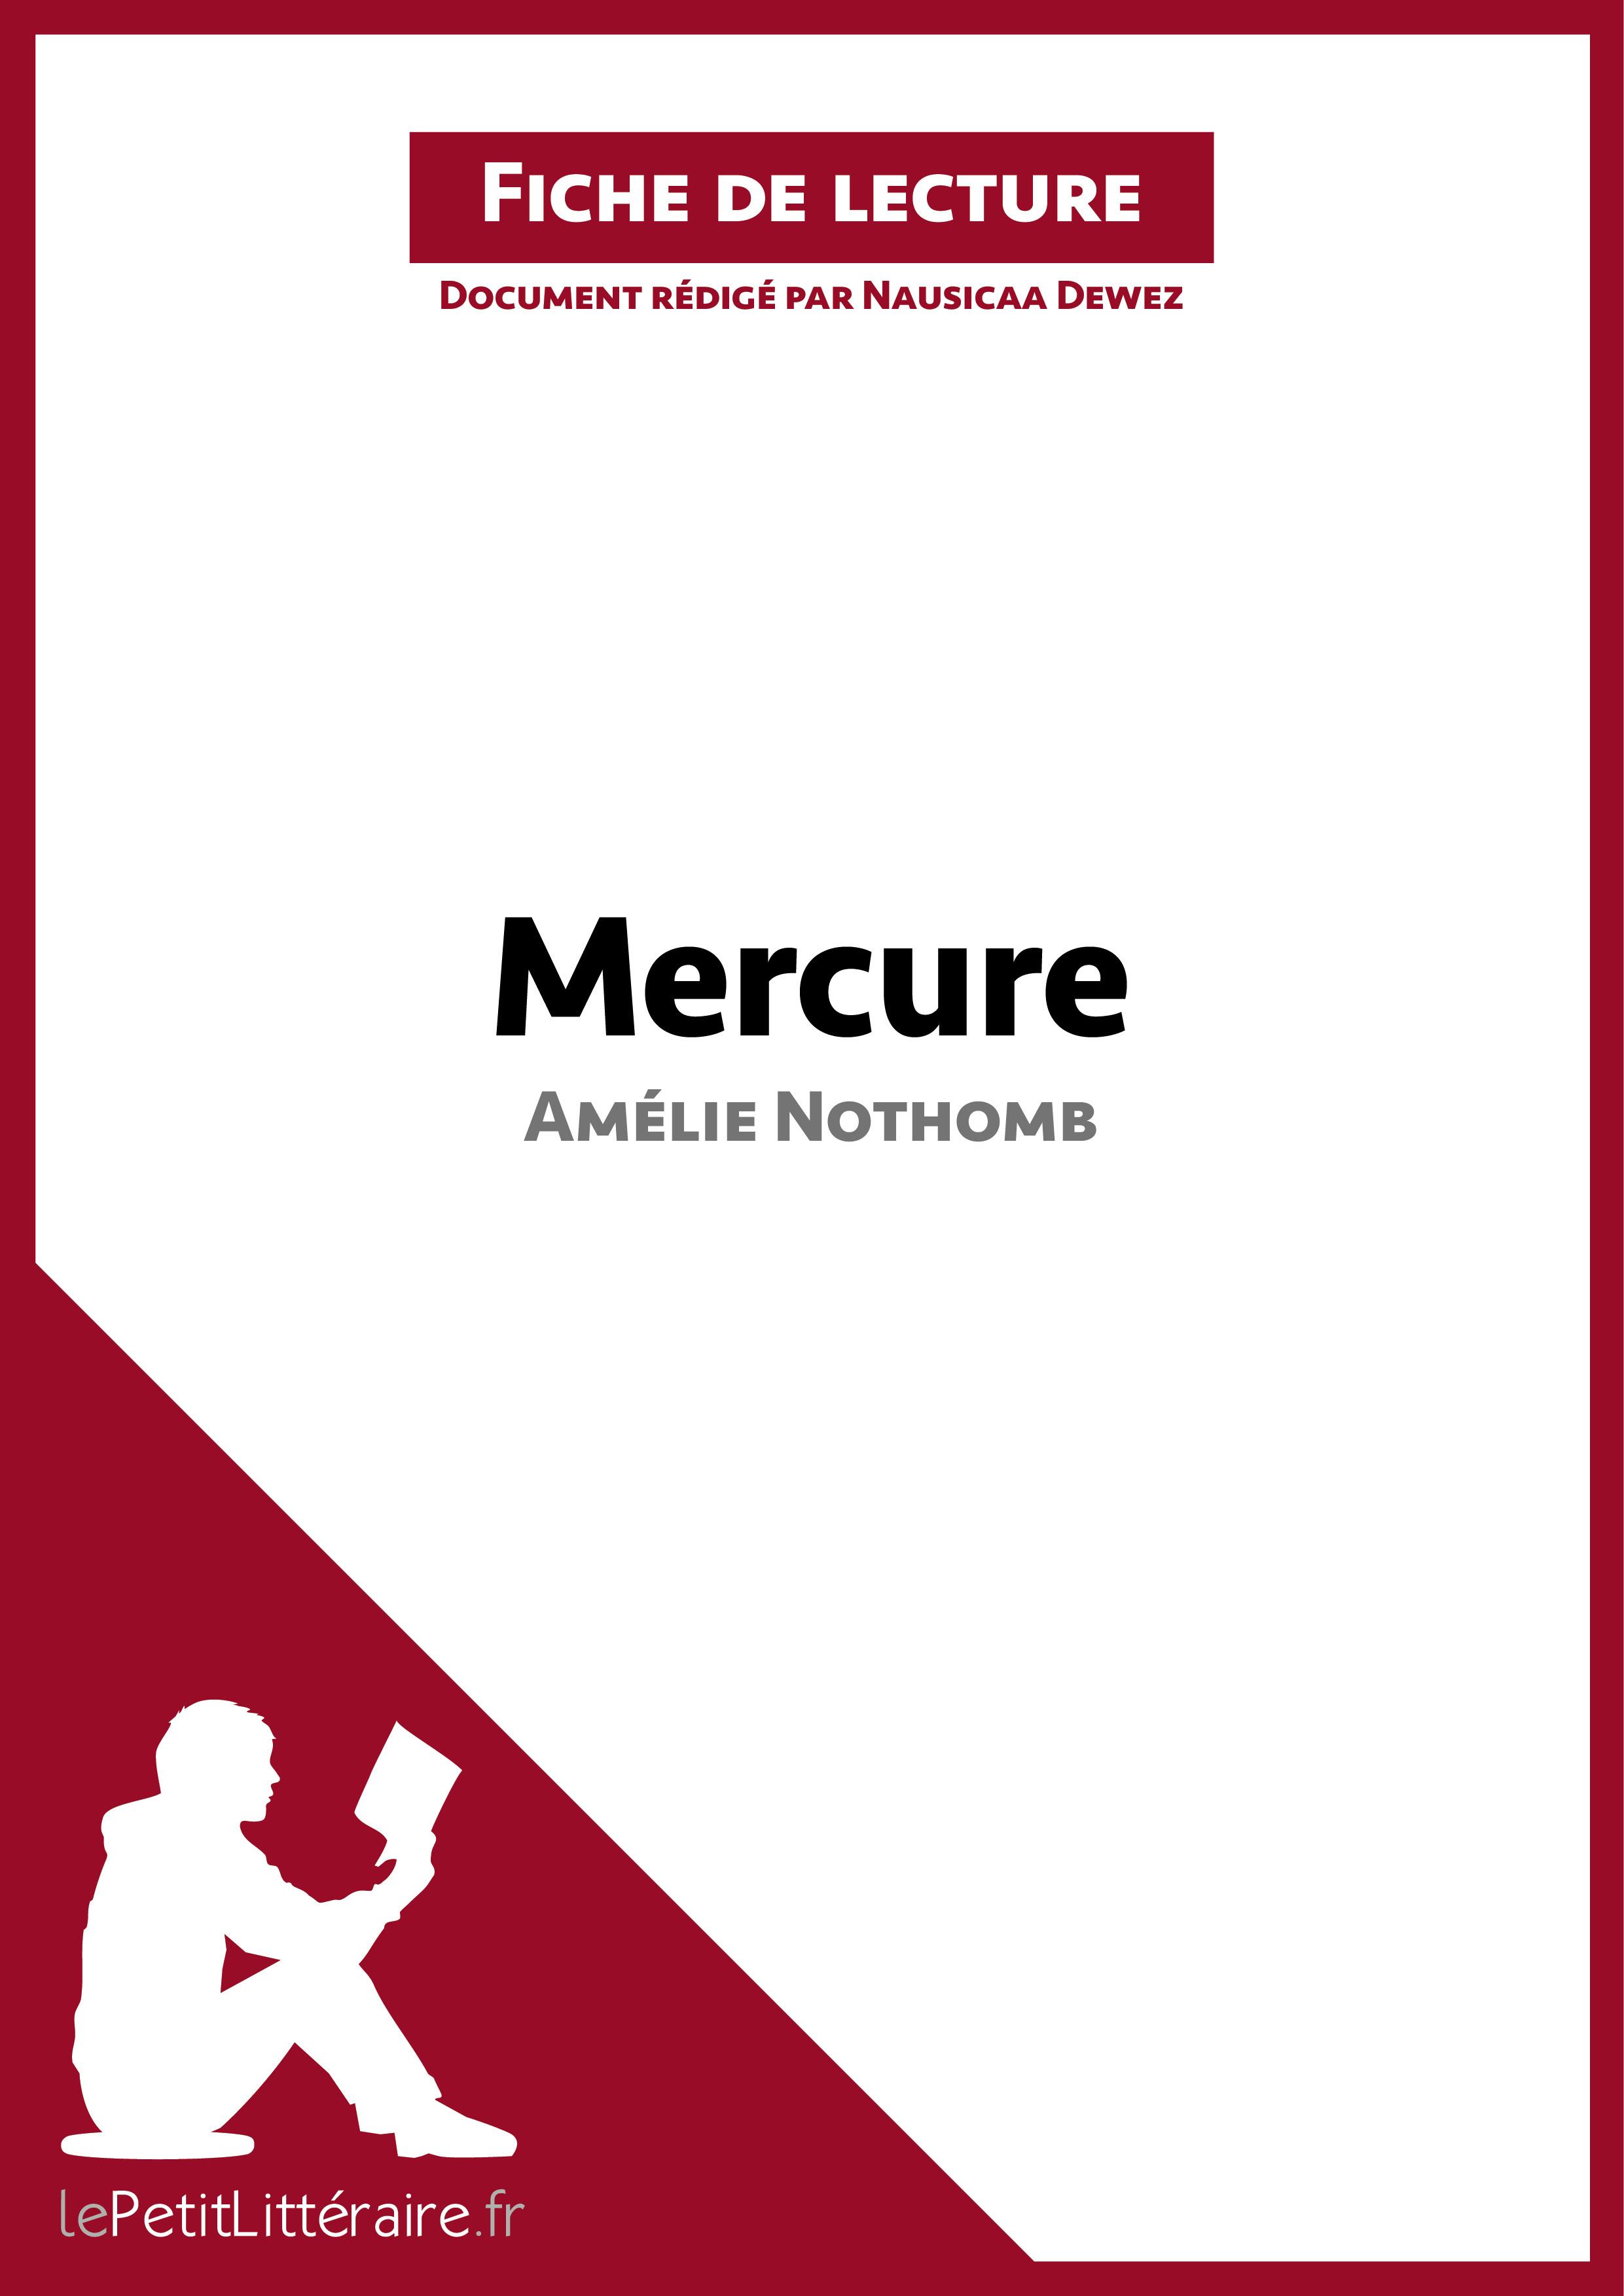 AMÉLIE TÉLÉCHARGER NOTHOMB PDF MERCURE